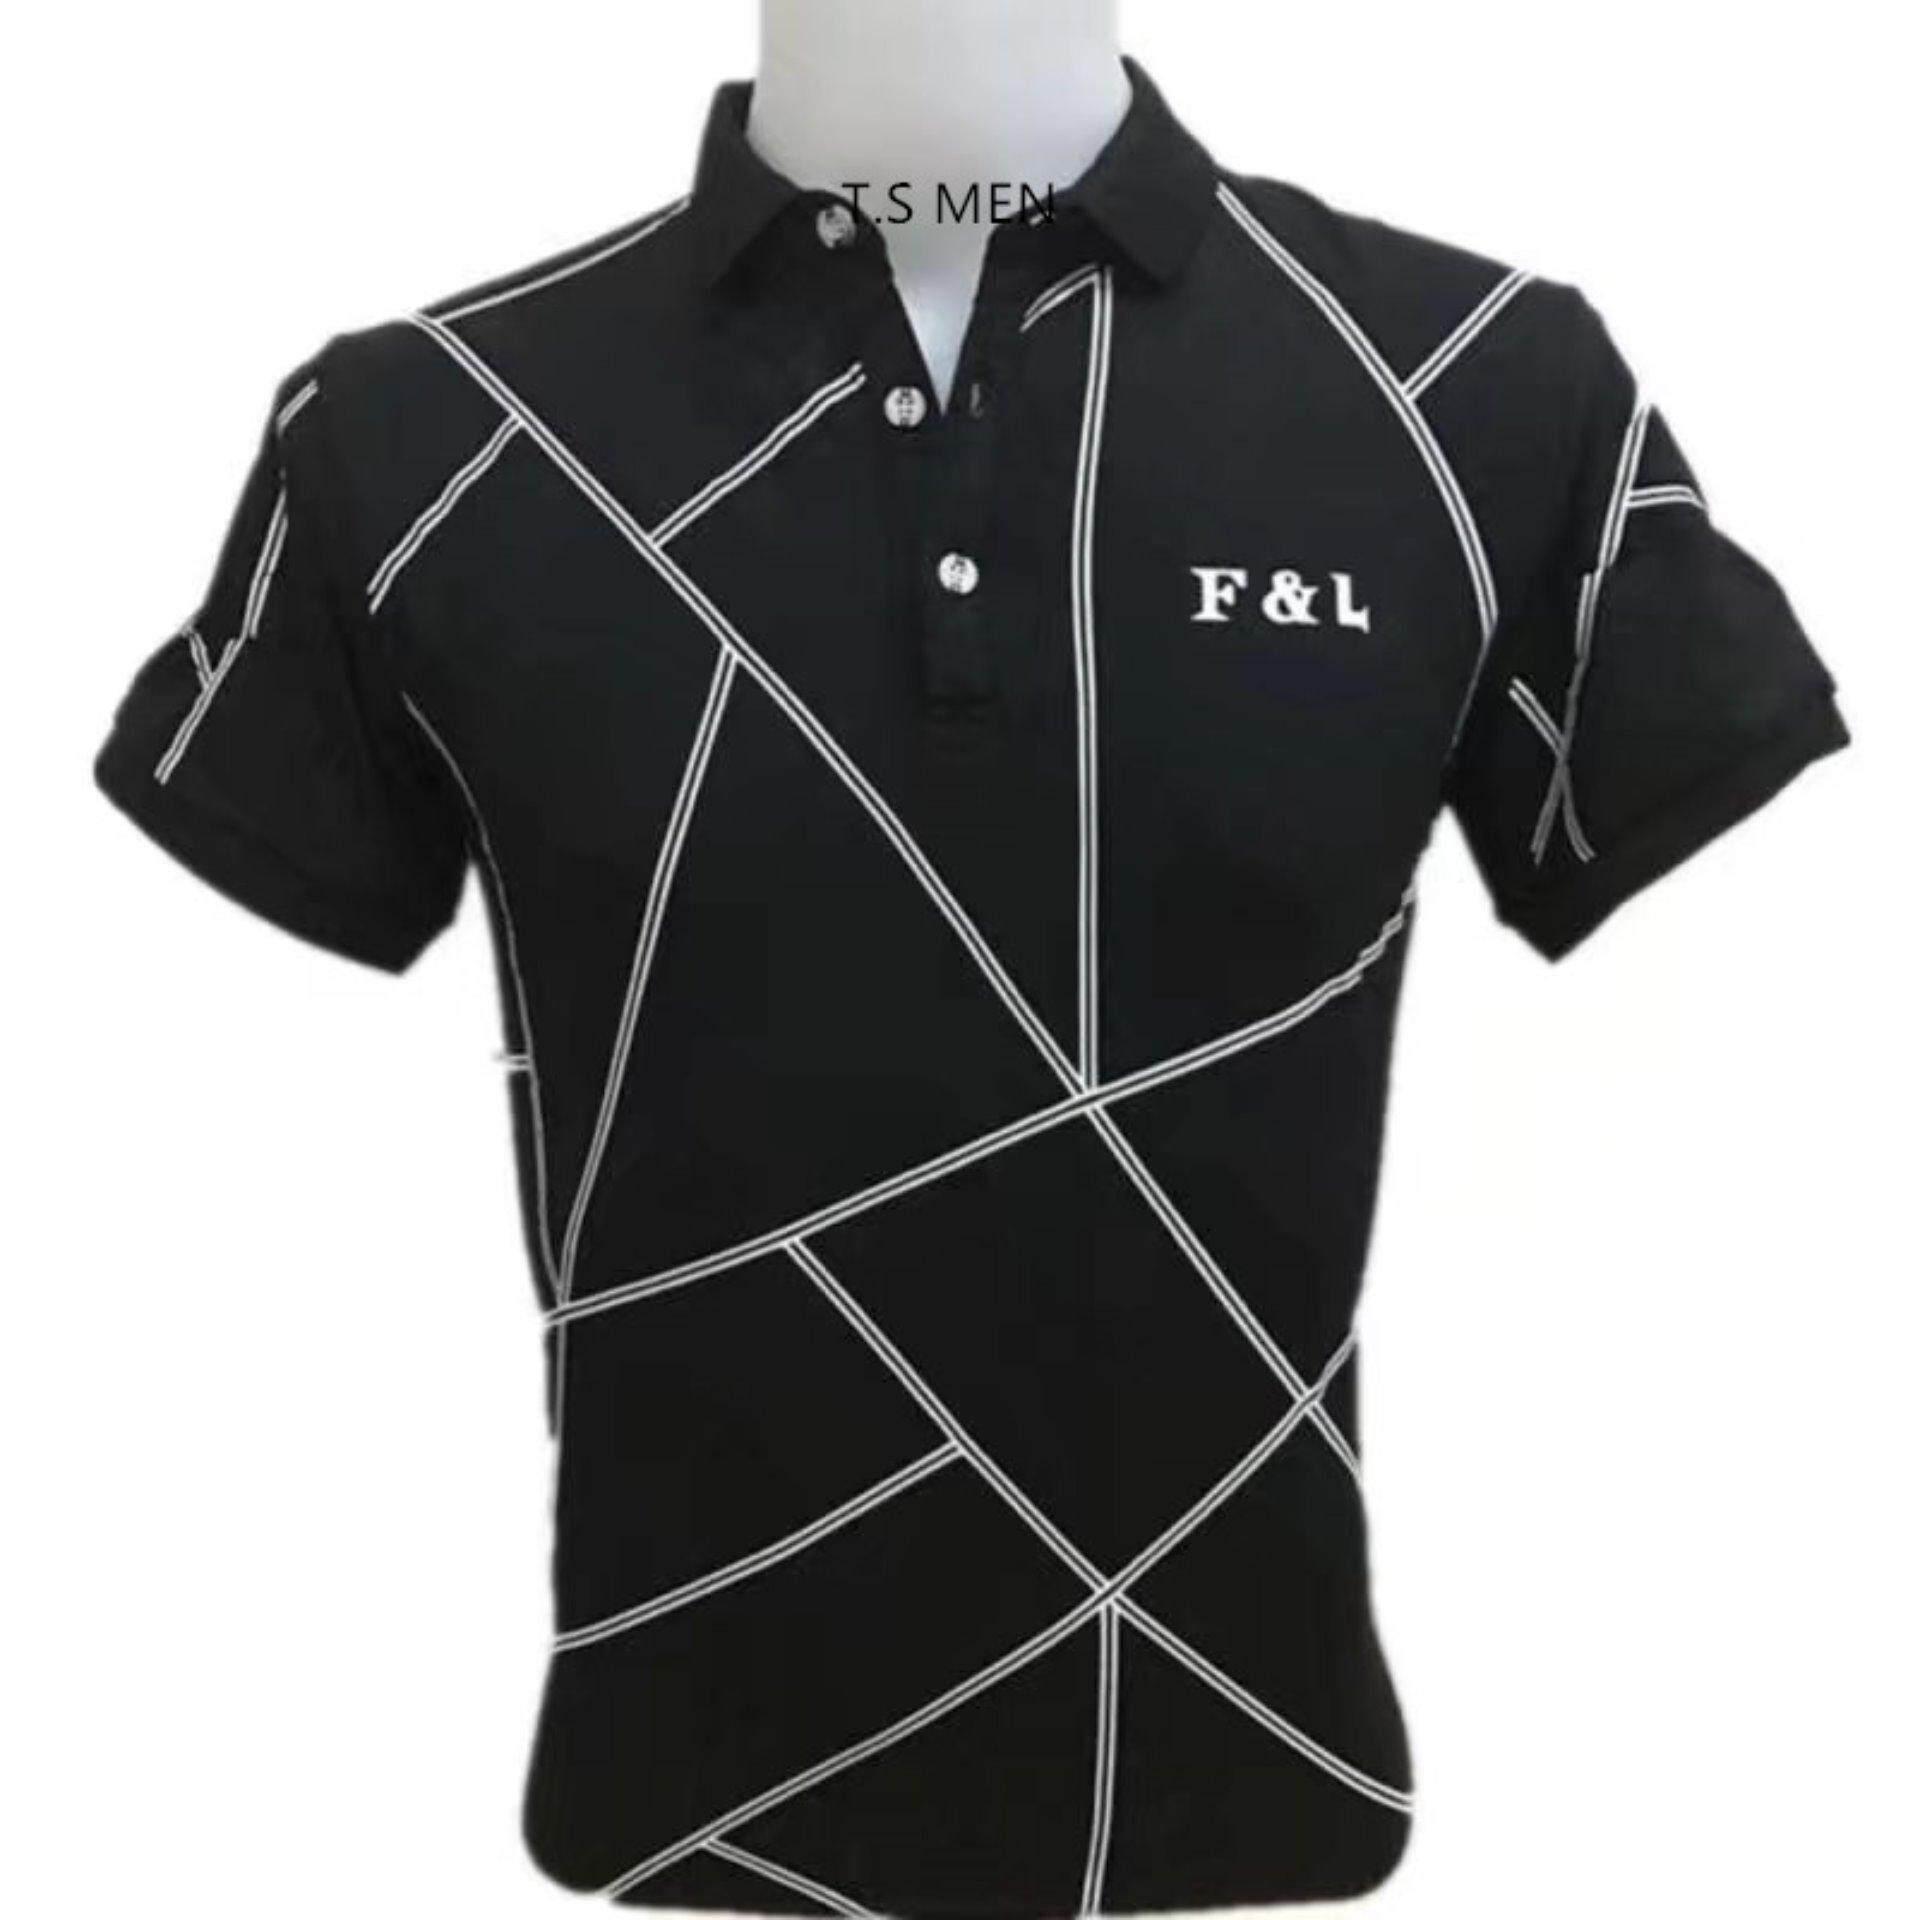 ทบทวน เสื้อยืดผู้ชายMen S T Shirtเสื้อยืดแฟชั่นผู้ชาย Polo Shirtเสื้อโปโล Oemgenuine